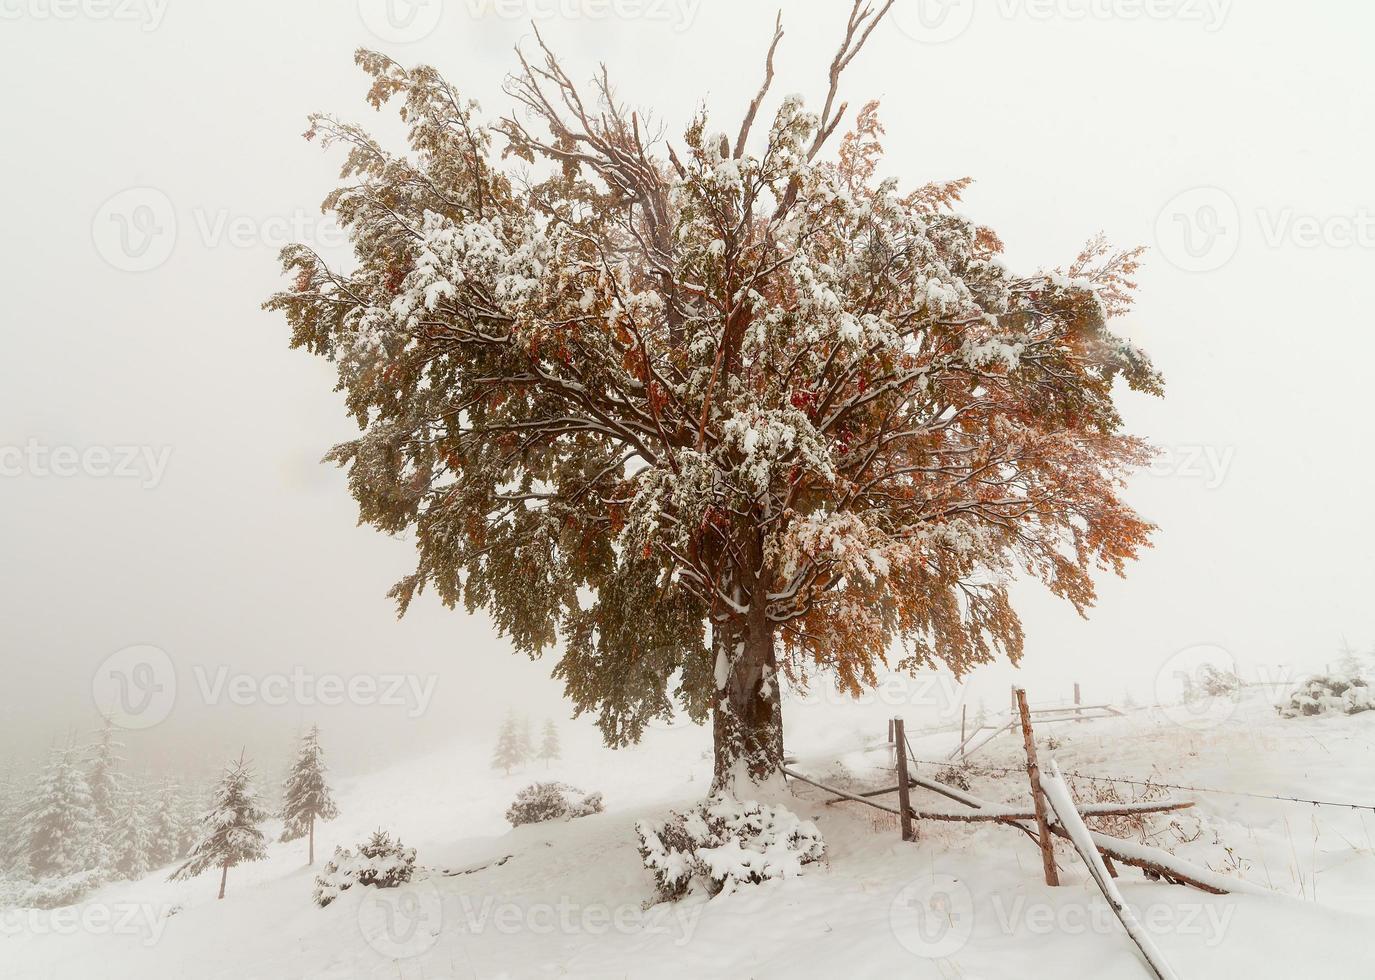 due stagioni - scena invernale e autunnale nel parco foto